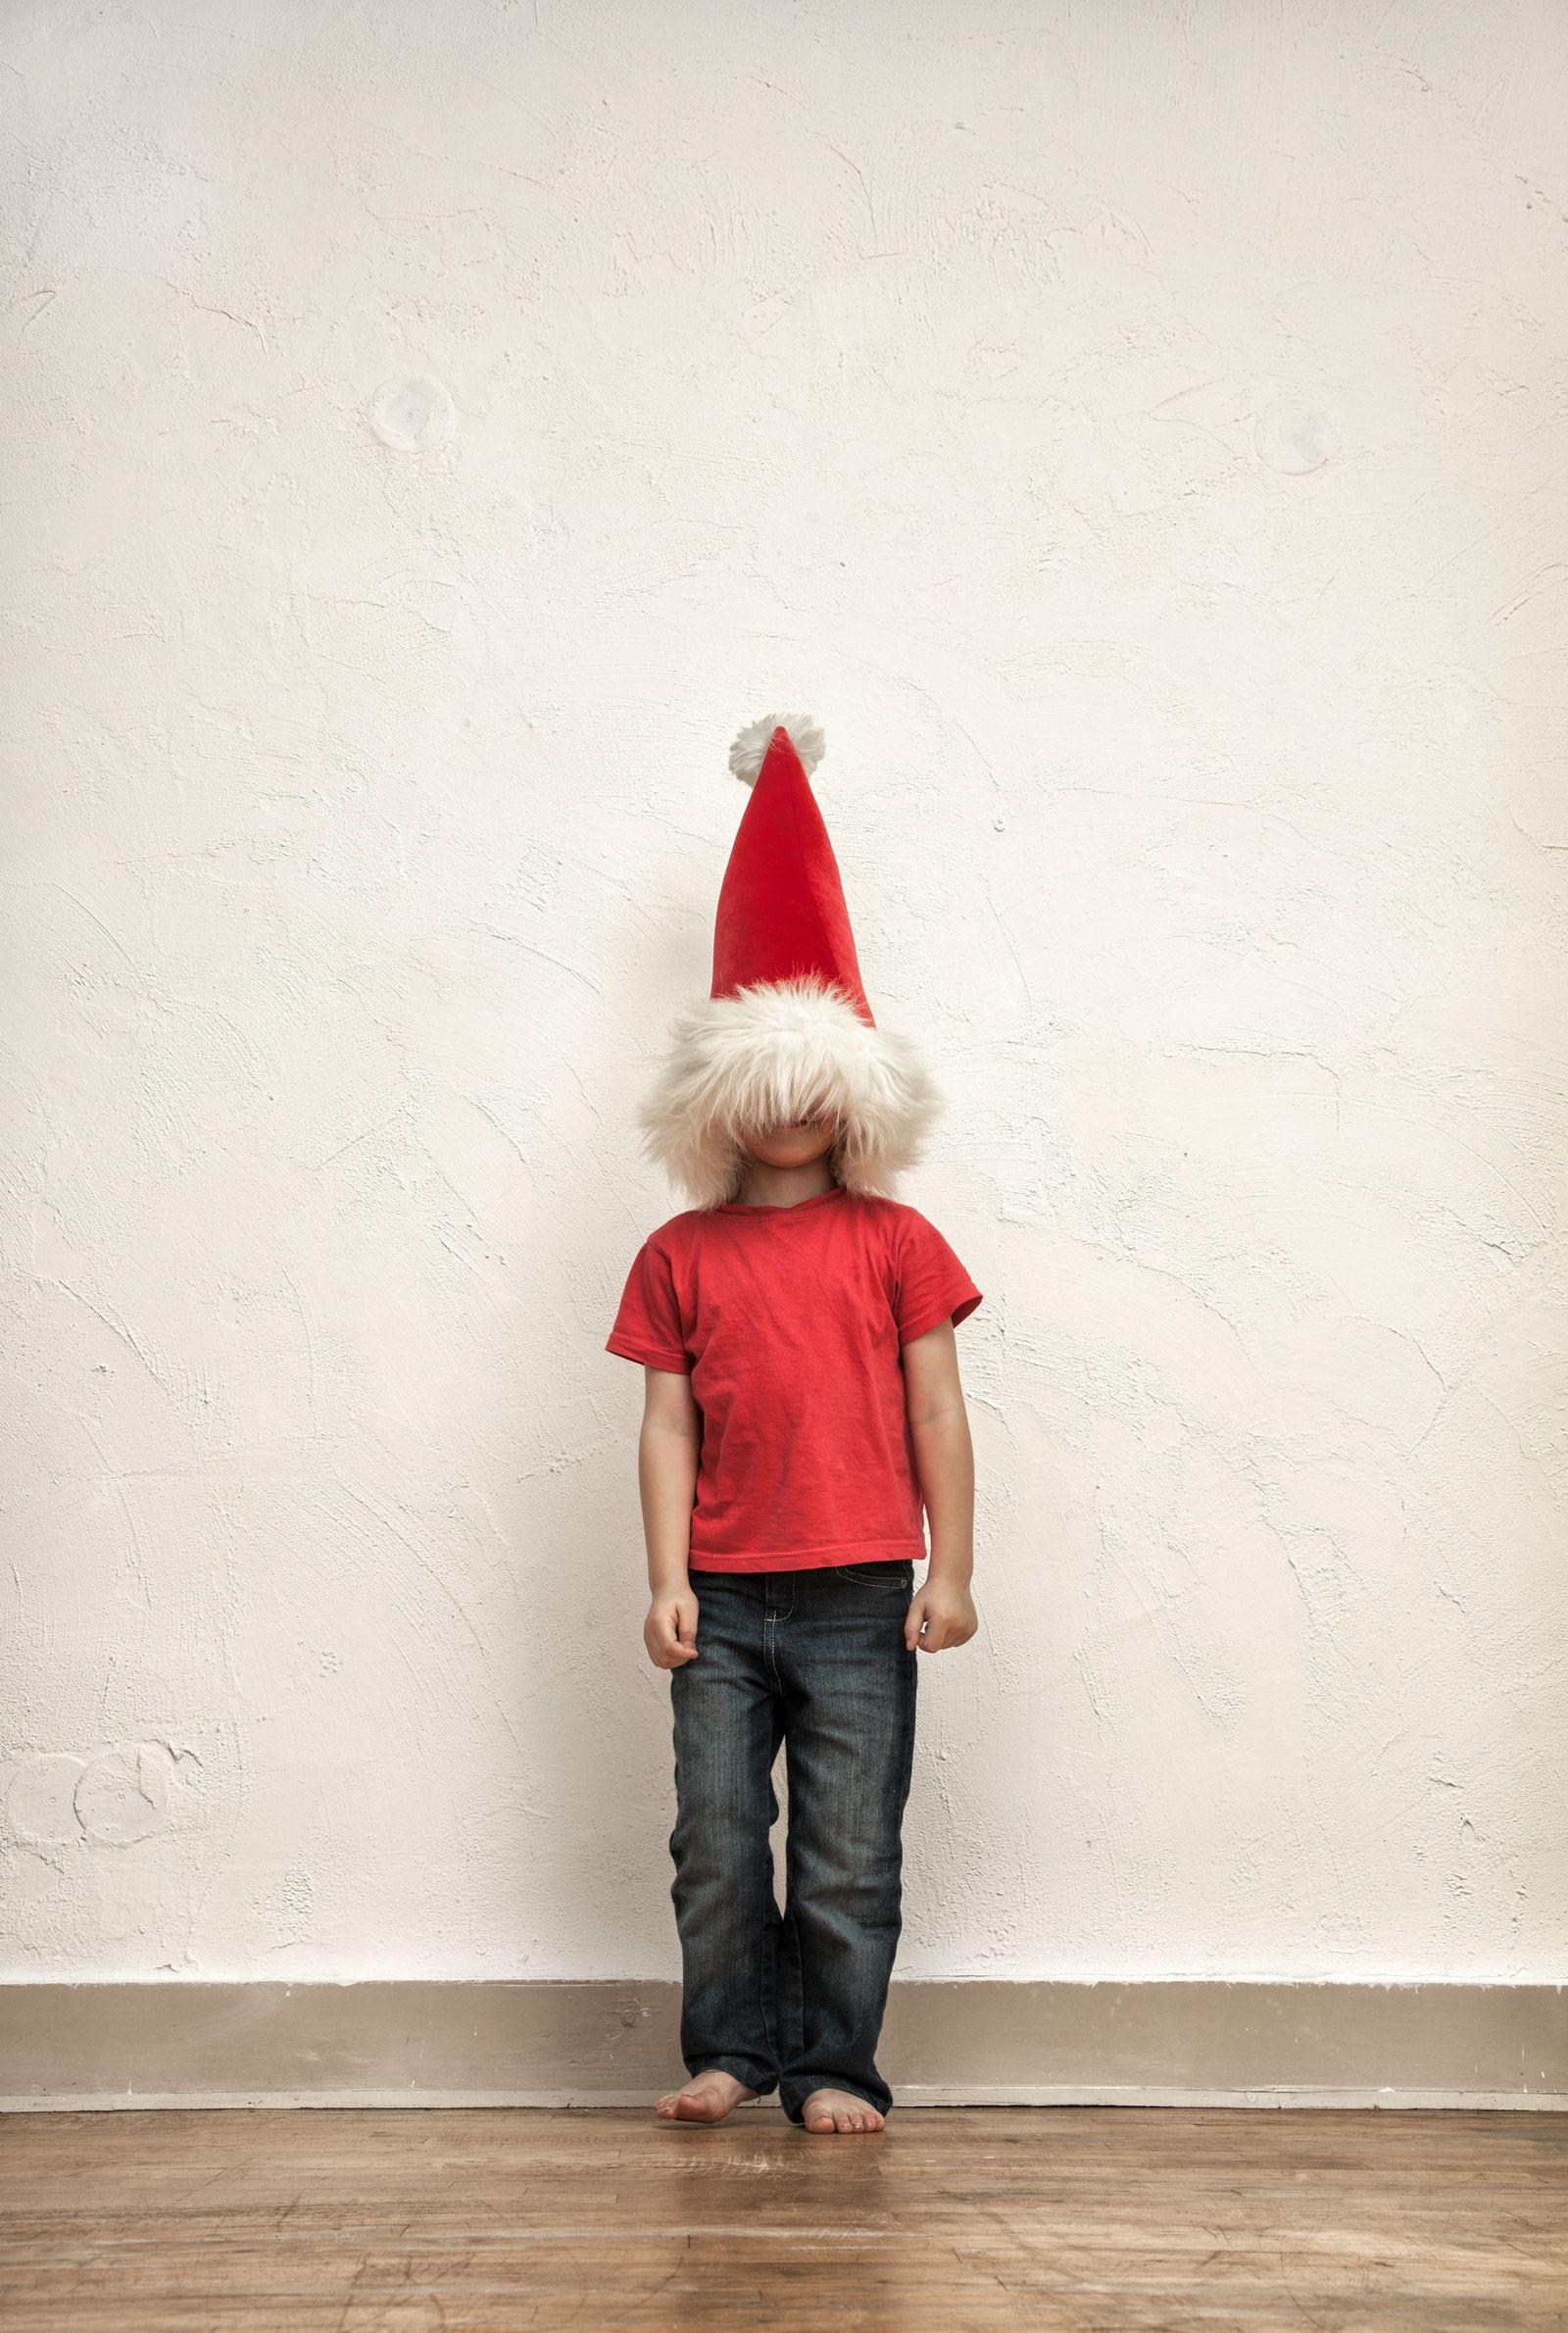 NICHT MEHR VERWENDEN! - Weihnachten/ Kind